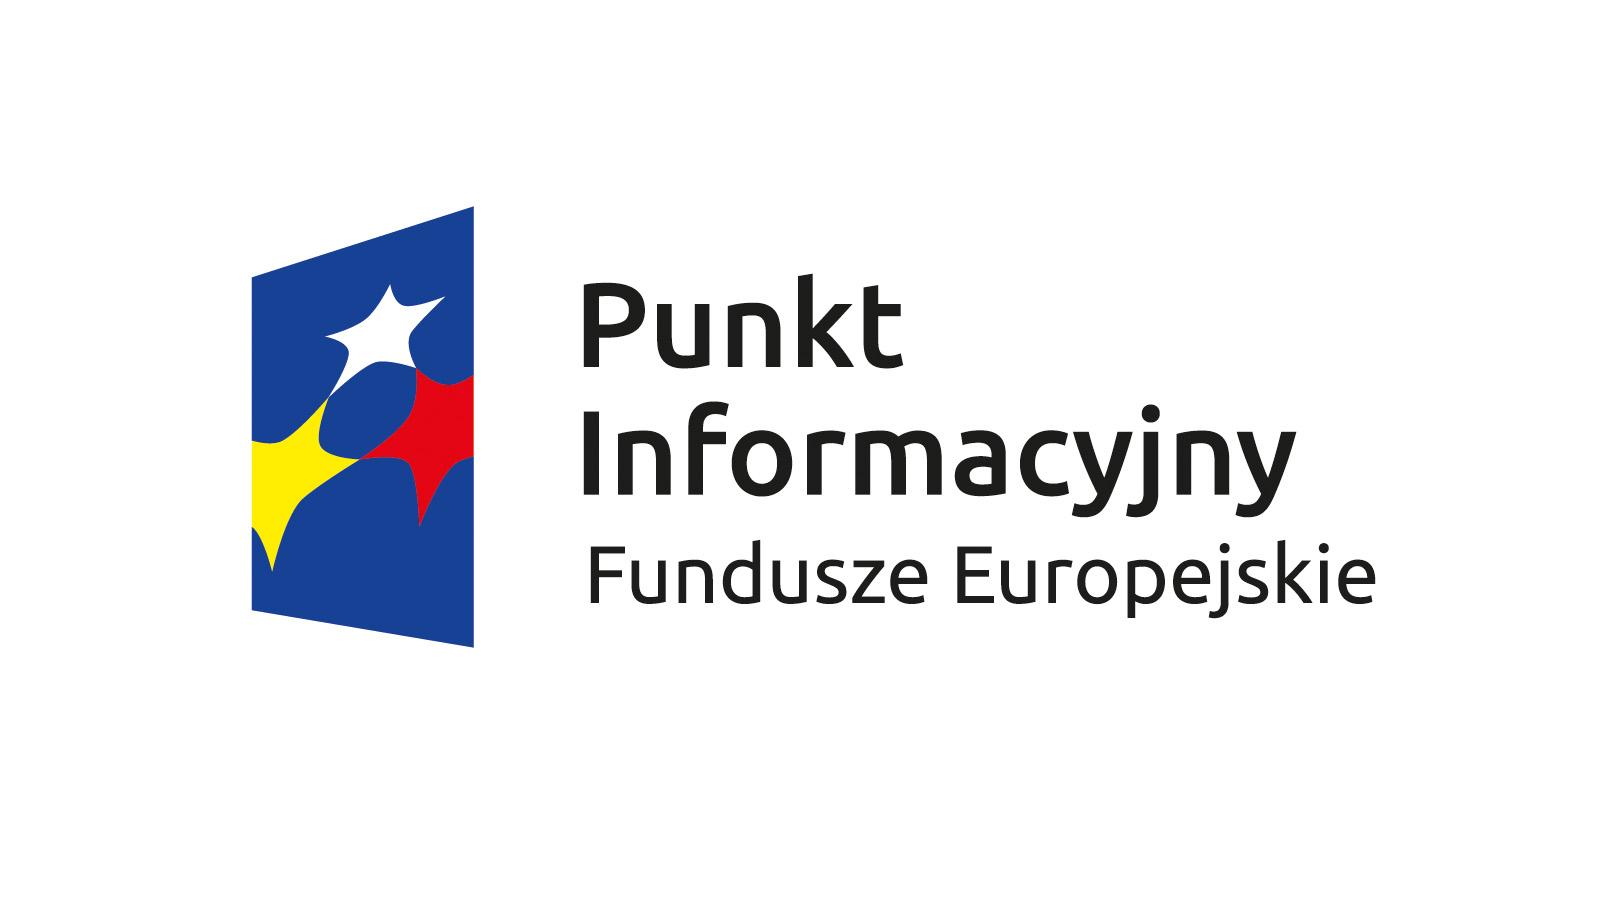 Spotkanie informacyjne wGorzowie Wielkopolskim dotyczące wsparcia zFunduszy Europejskich na założenie działalności gospodarczej